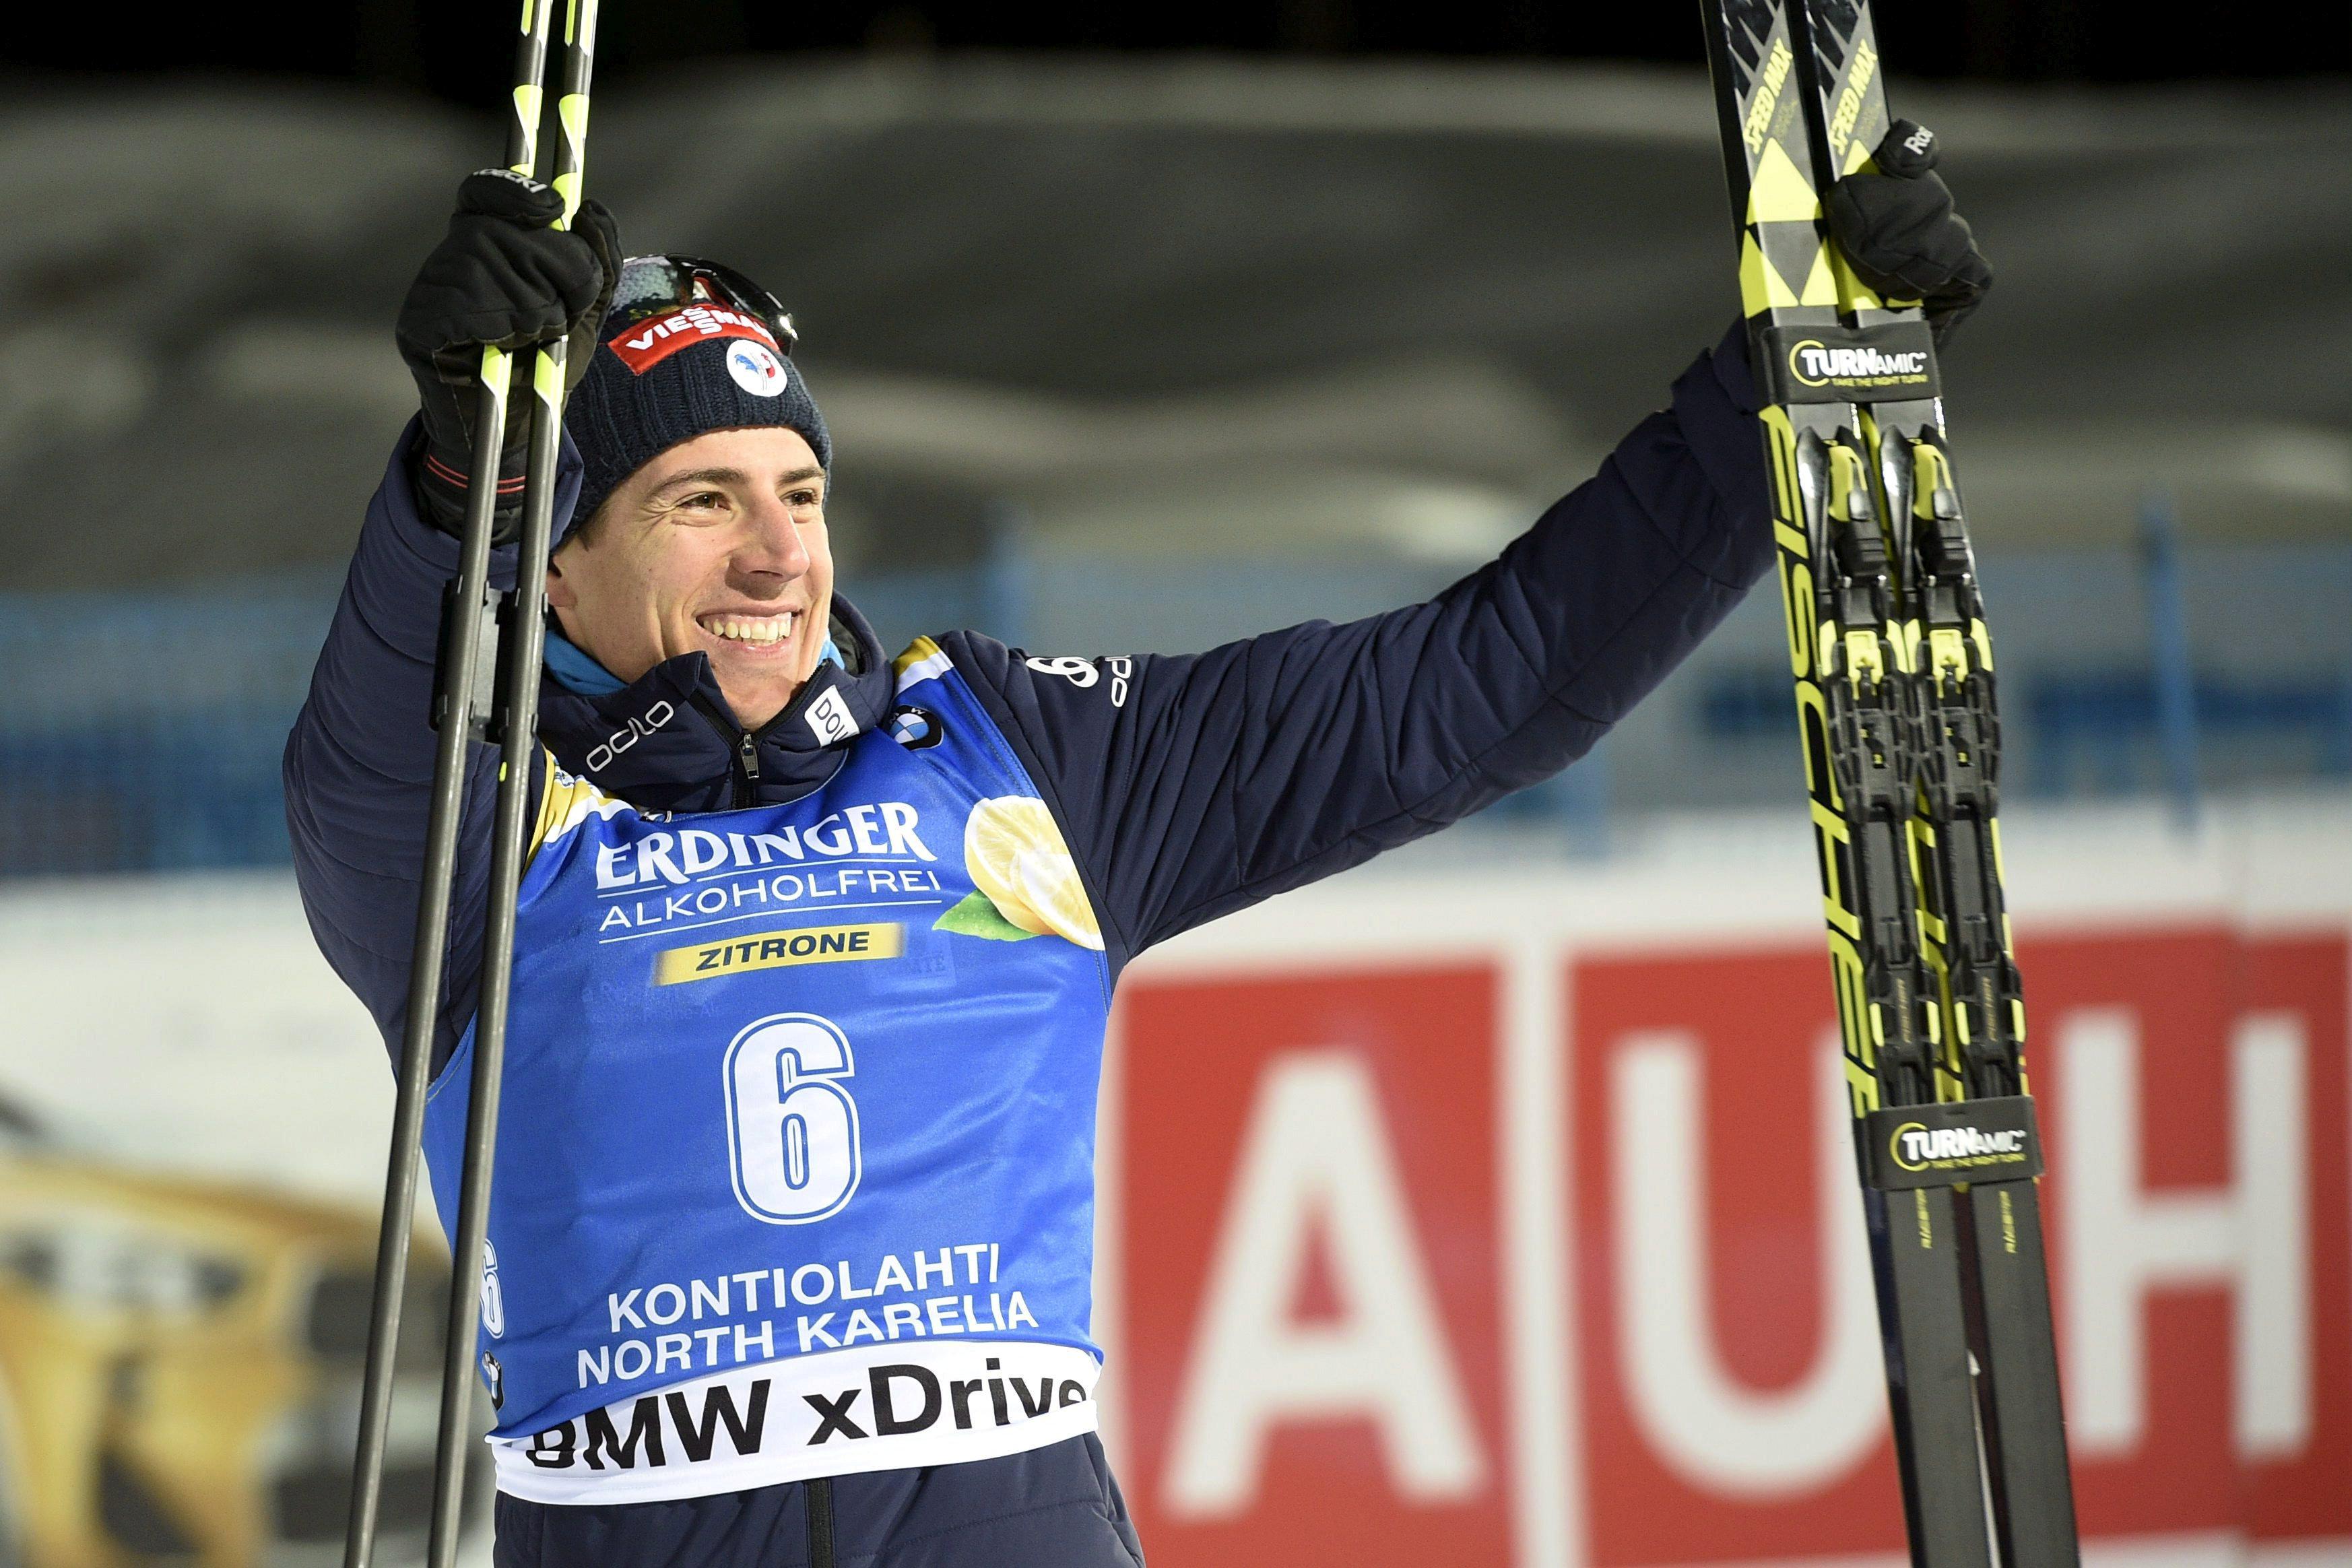 Sports d'hiver - Biathlon : Fourcade abandonne, Fillon Maillet au relais